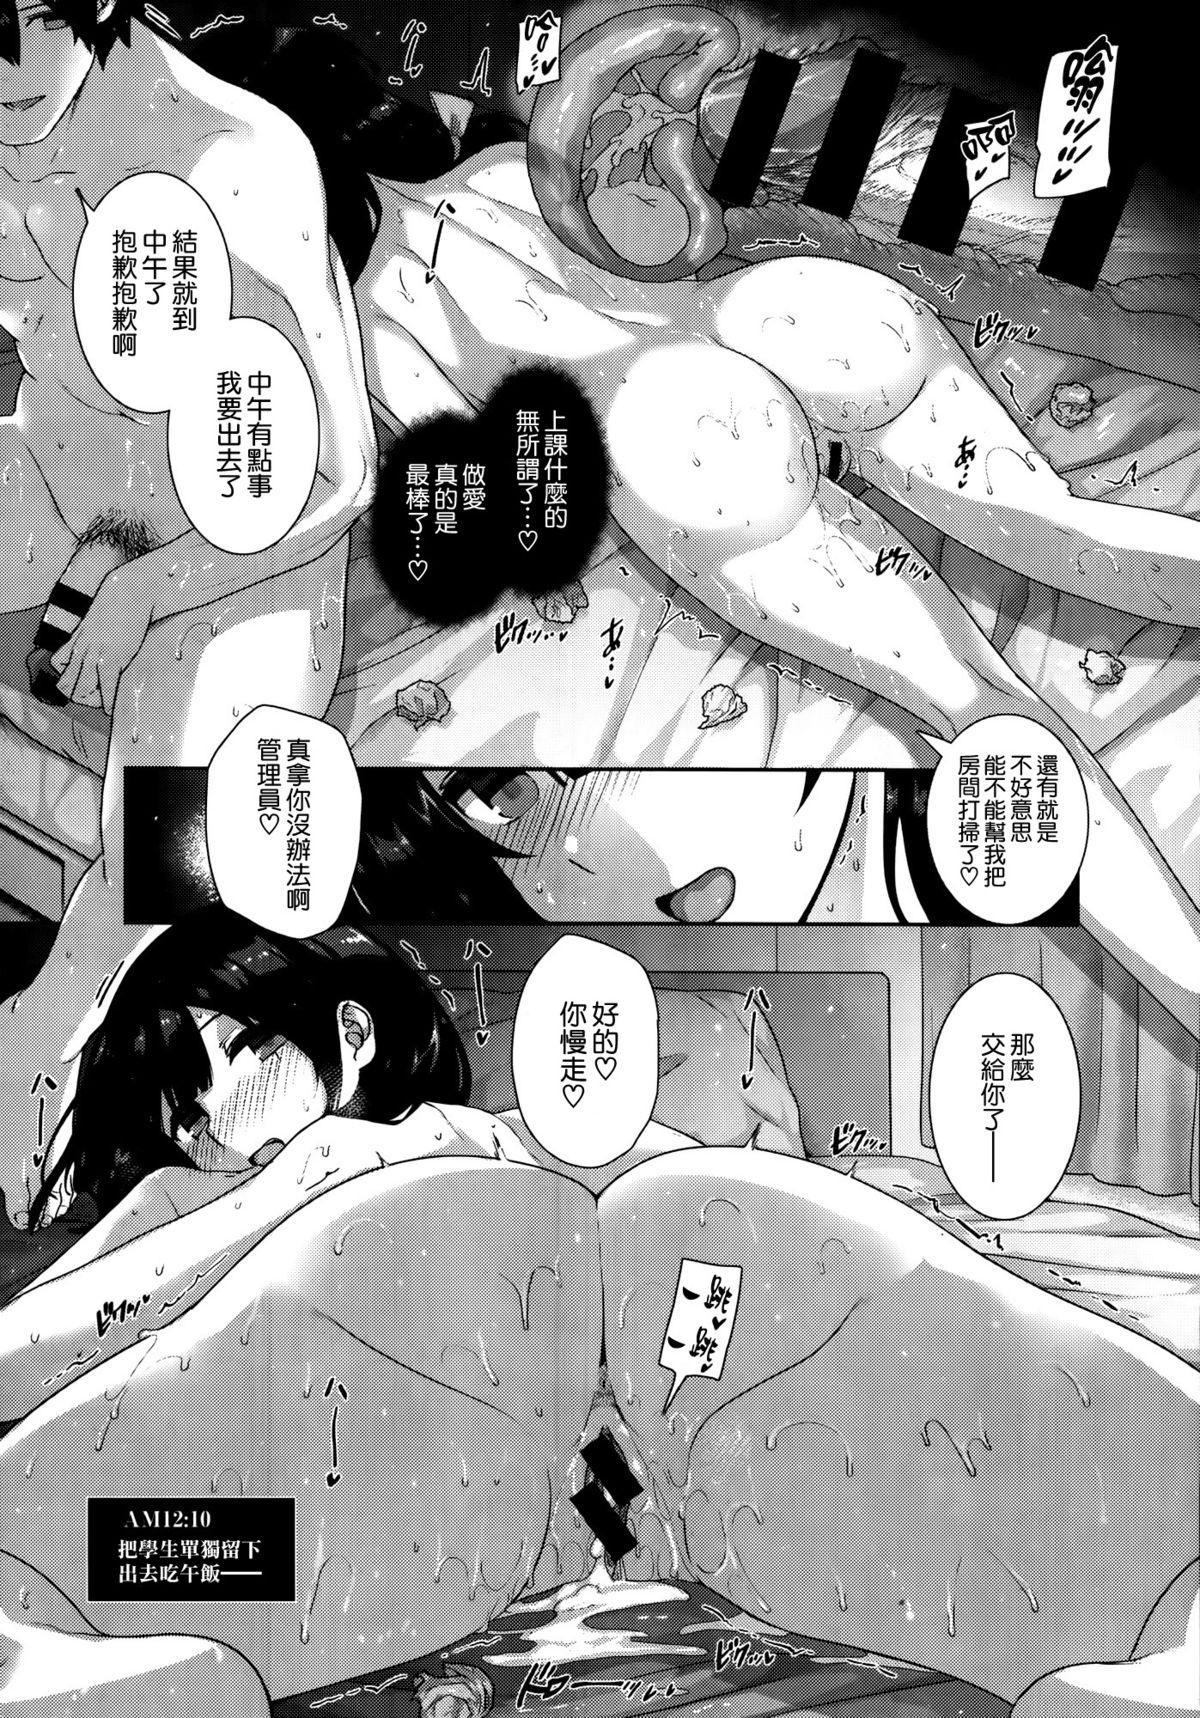 Amatsuka Gakuen no Ryoukan Seikatsu 8